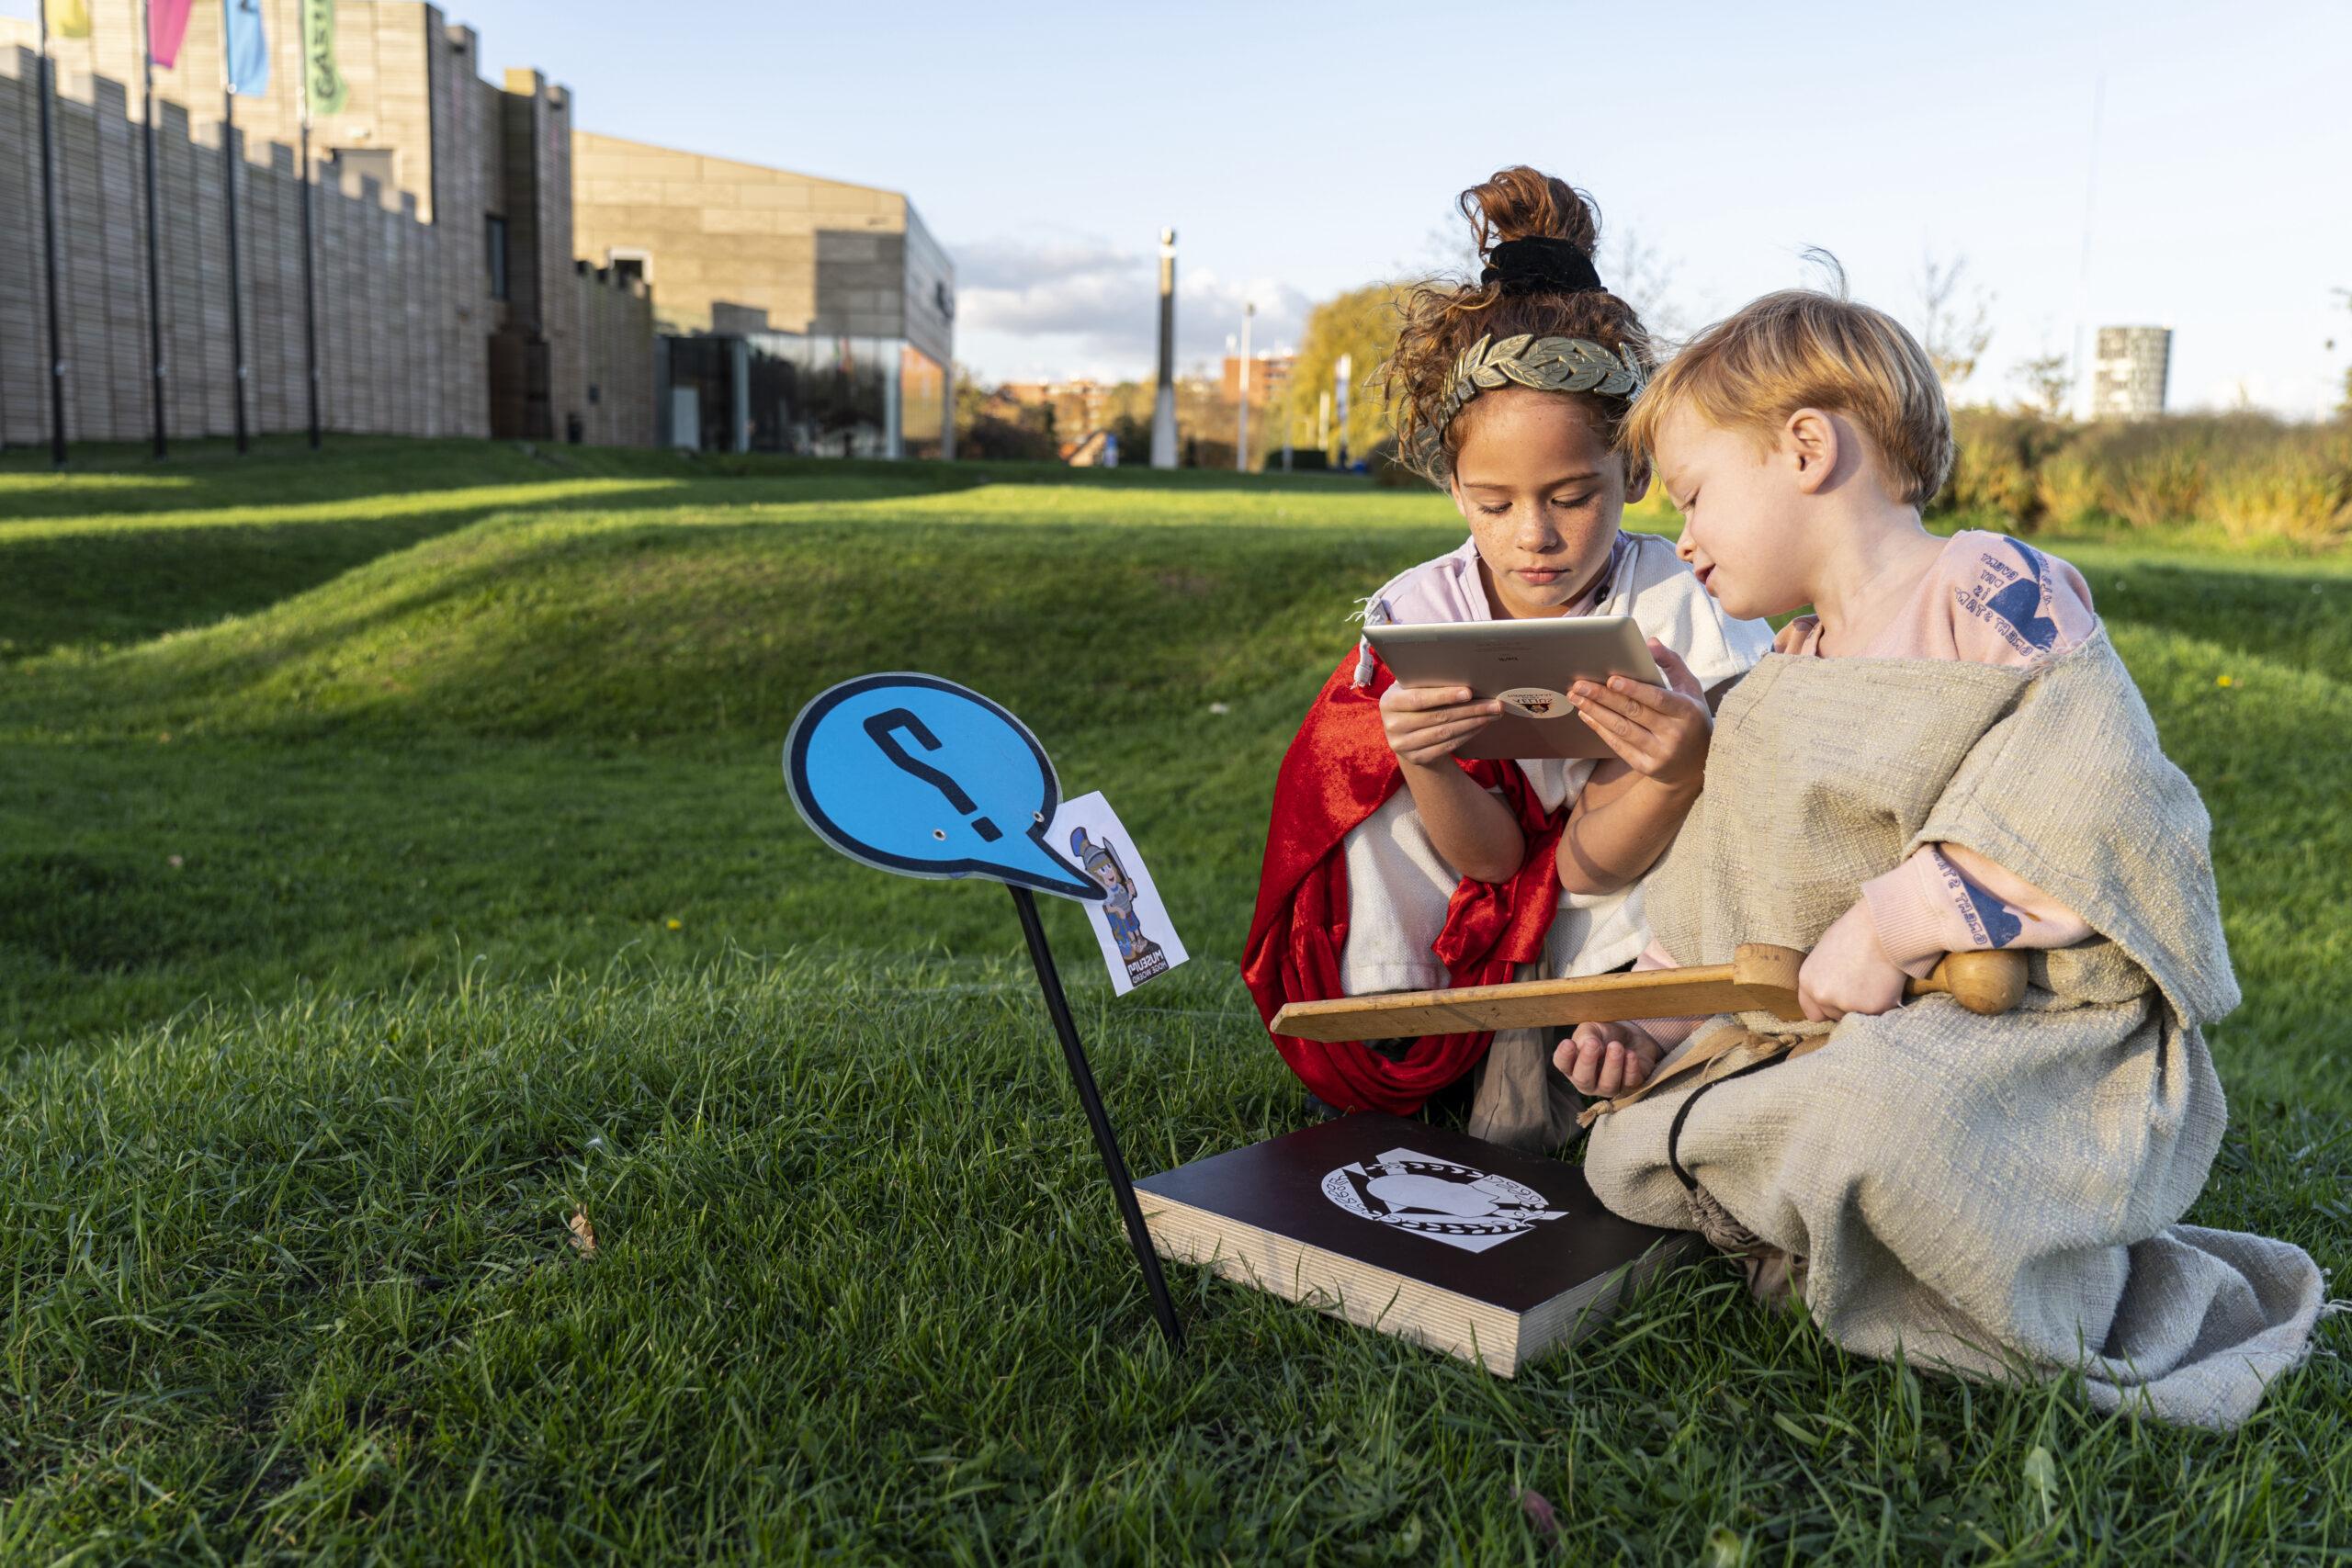 Een jongen en een meisje zijn gekleed in Romeins kostuum en zitten gehurkt voor een Romeins castellum. Ze kijken samen naar een Ipad die het meisje vasthoudt.